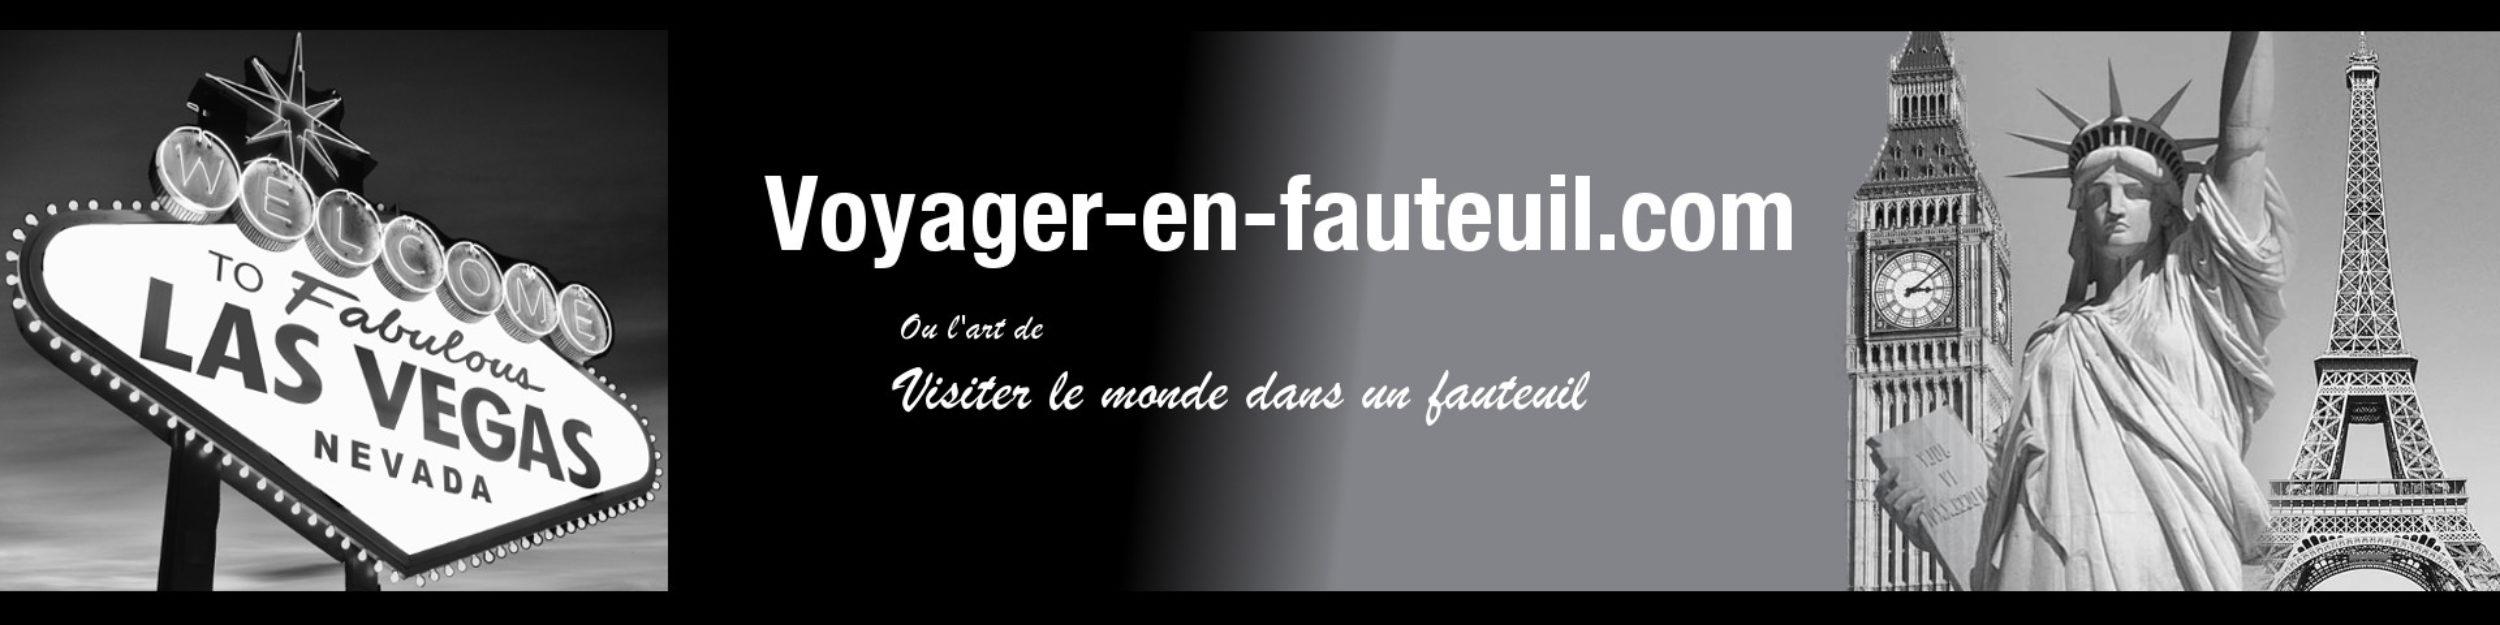 Voyager-En-Fauteuil.com